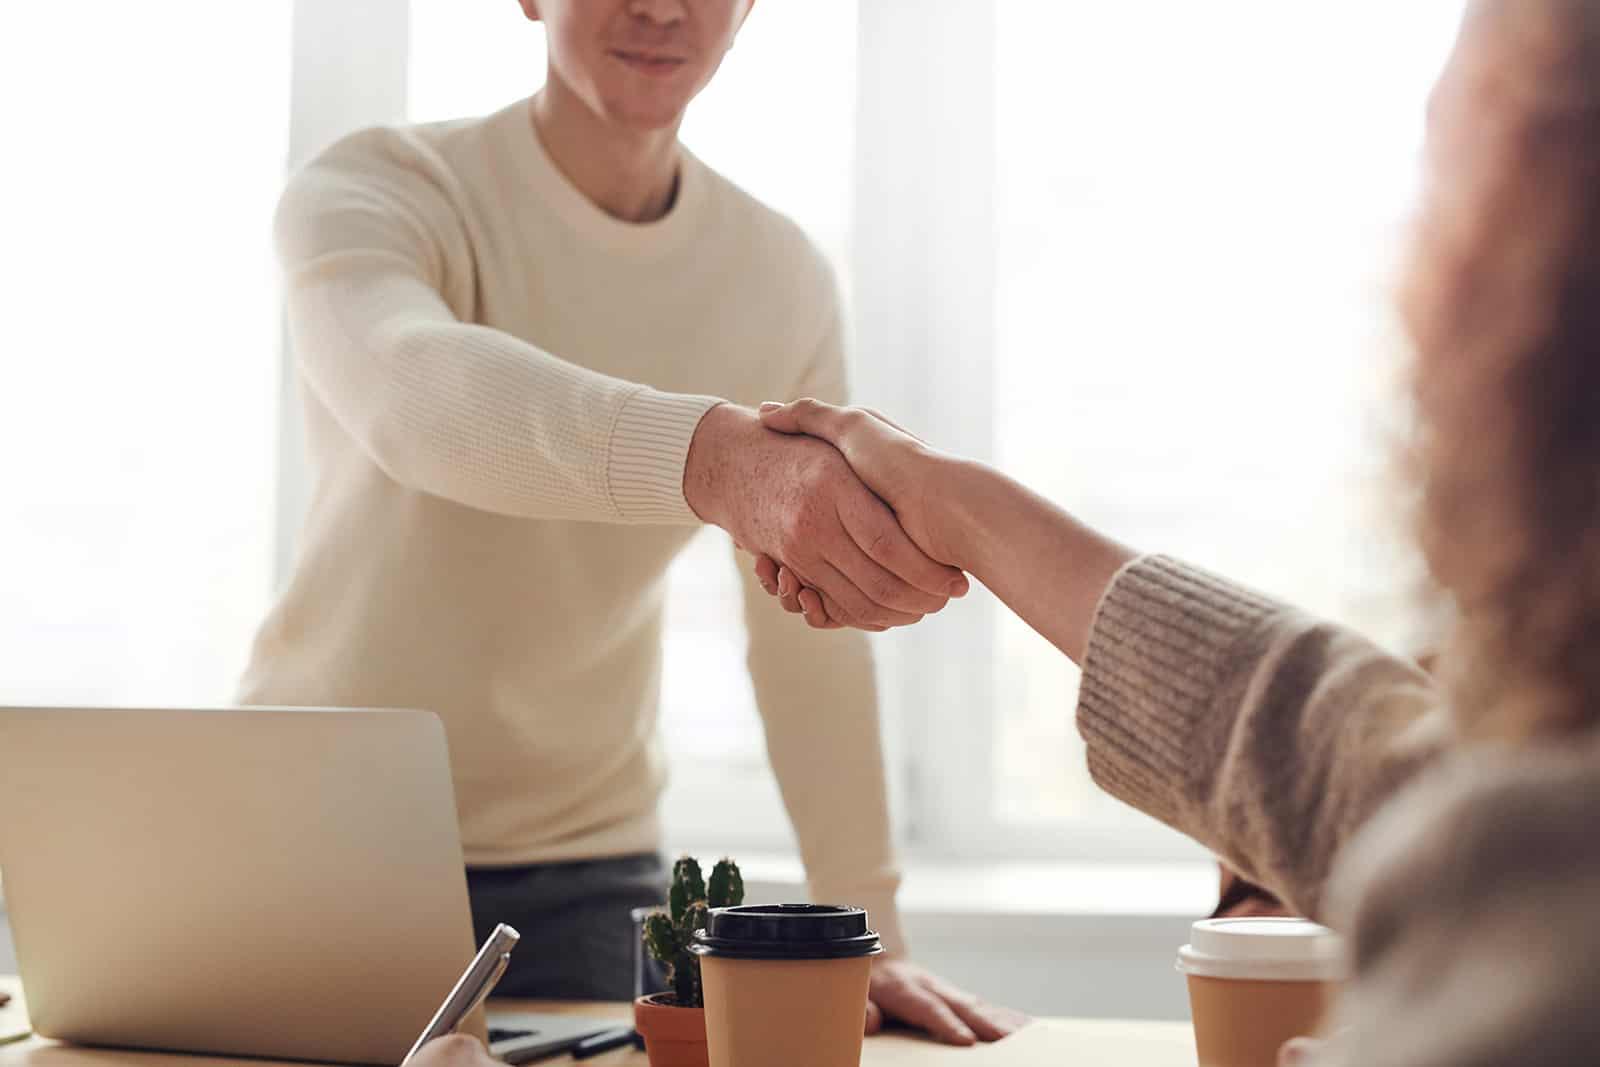 Ein Mann und eine Frau schütteln sich im Büro die Hände über den Tisch